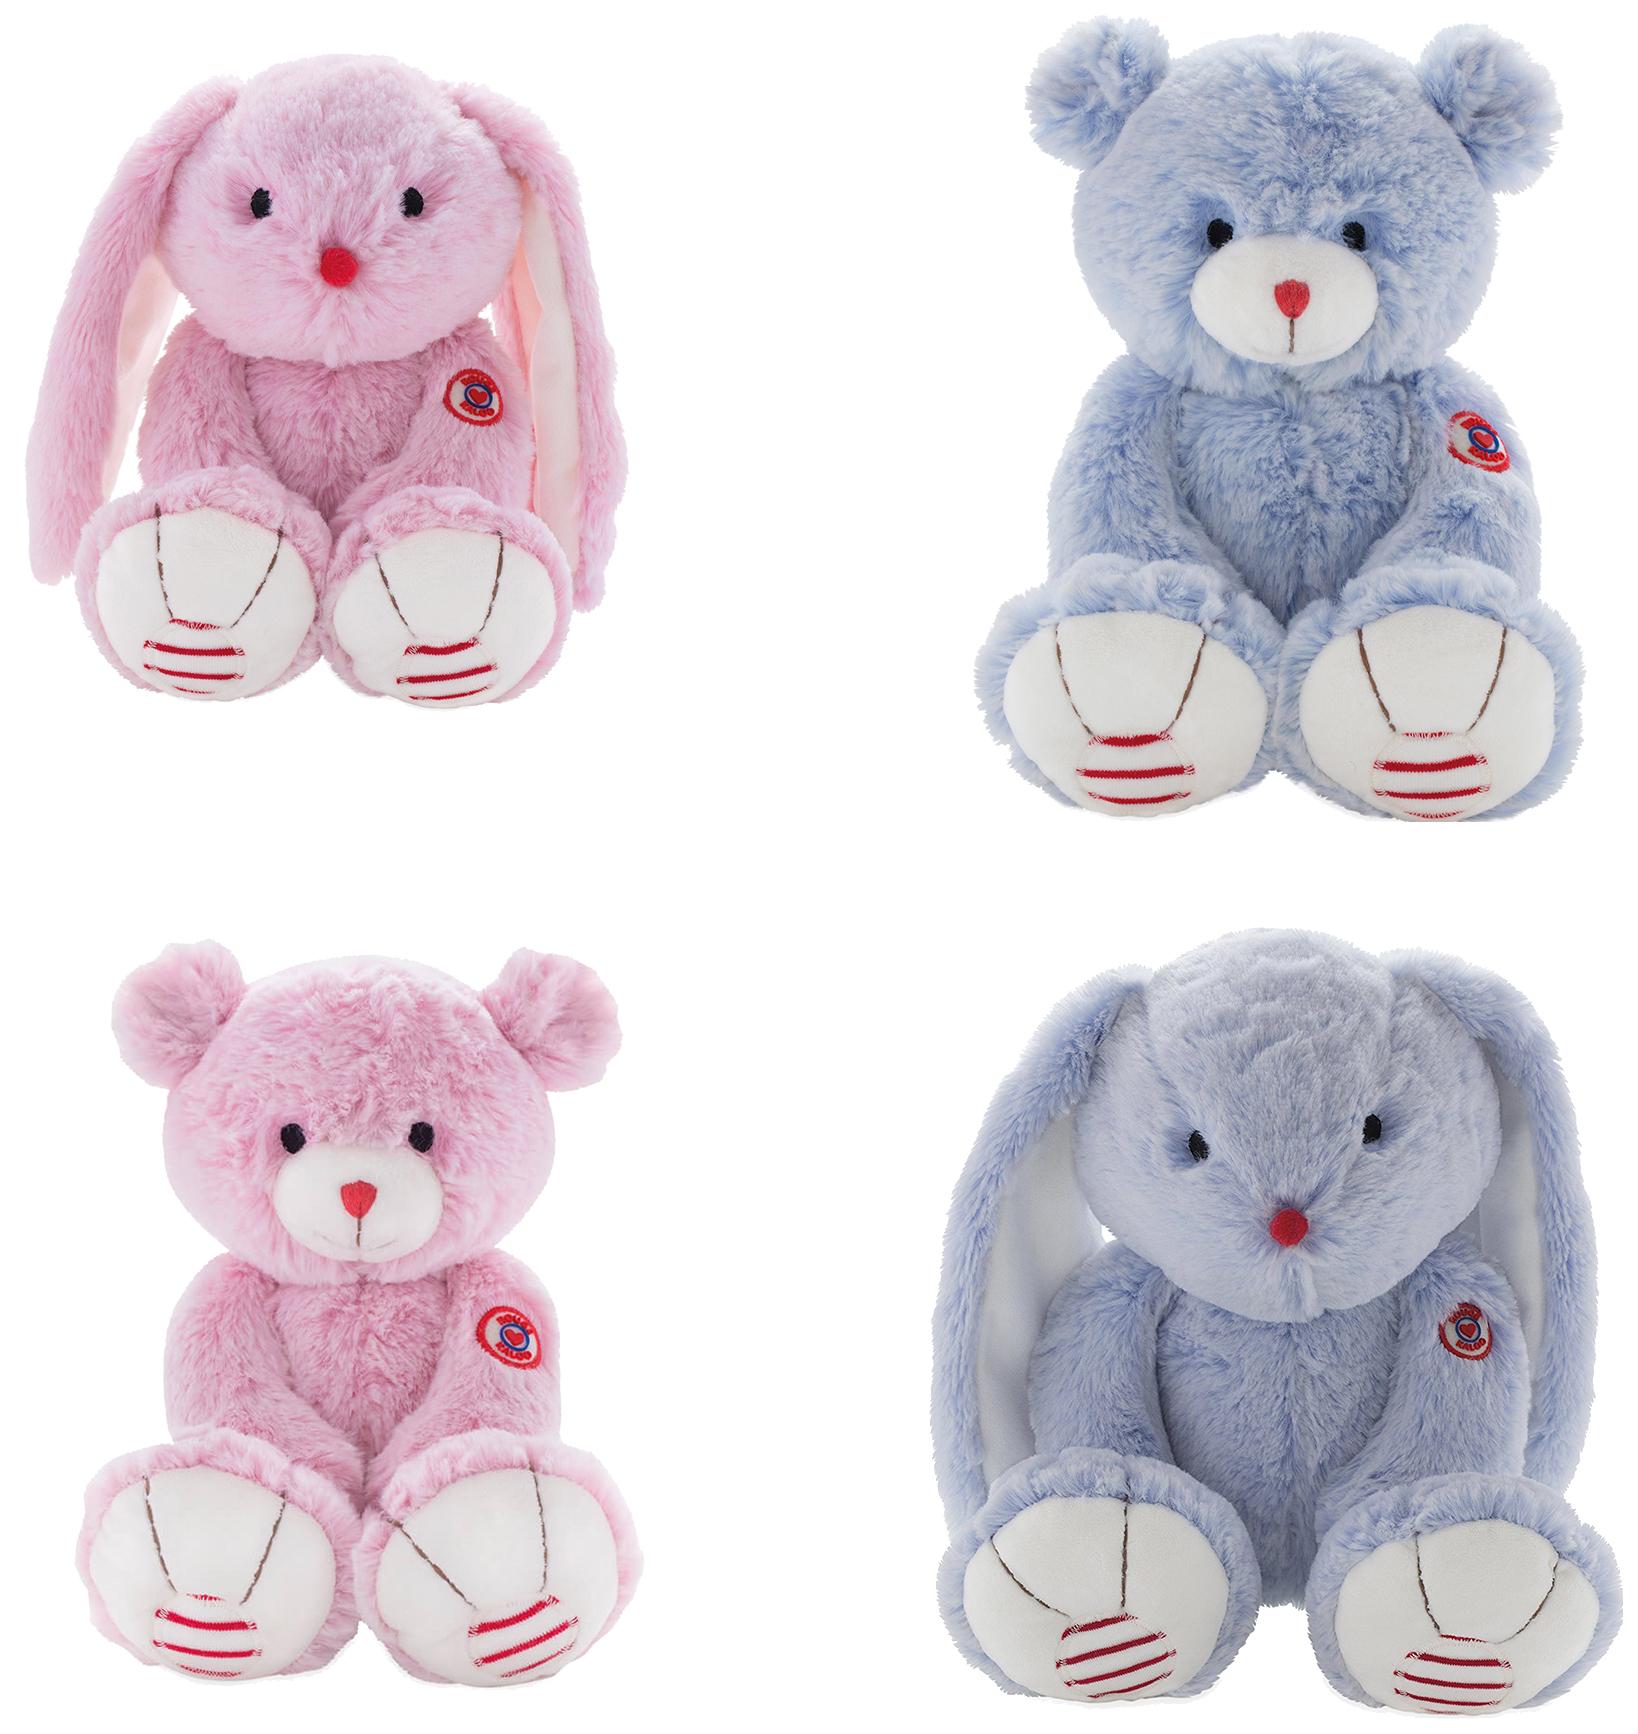 Купить Мягкая игрушка Kaloo Мини-игрушка Руж K963555 19 см (в ассортименте), Мягкие игрушки животные